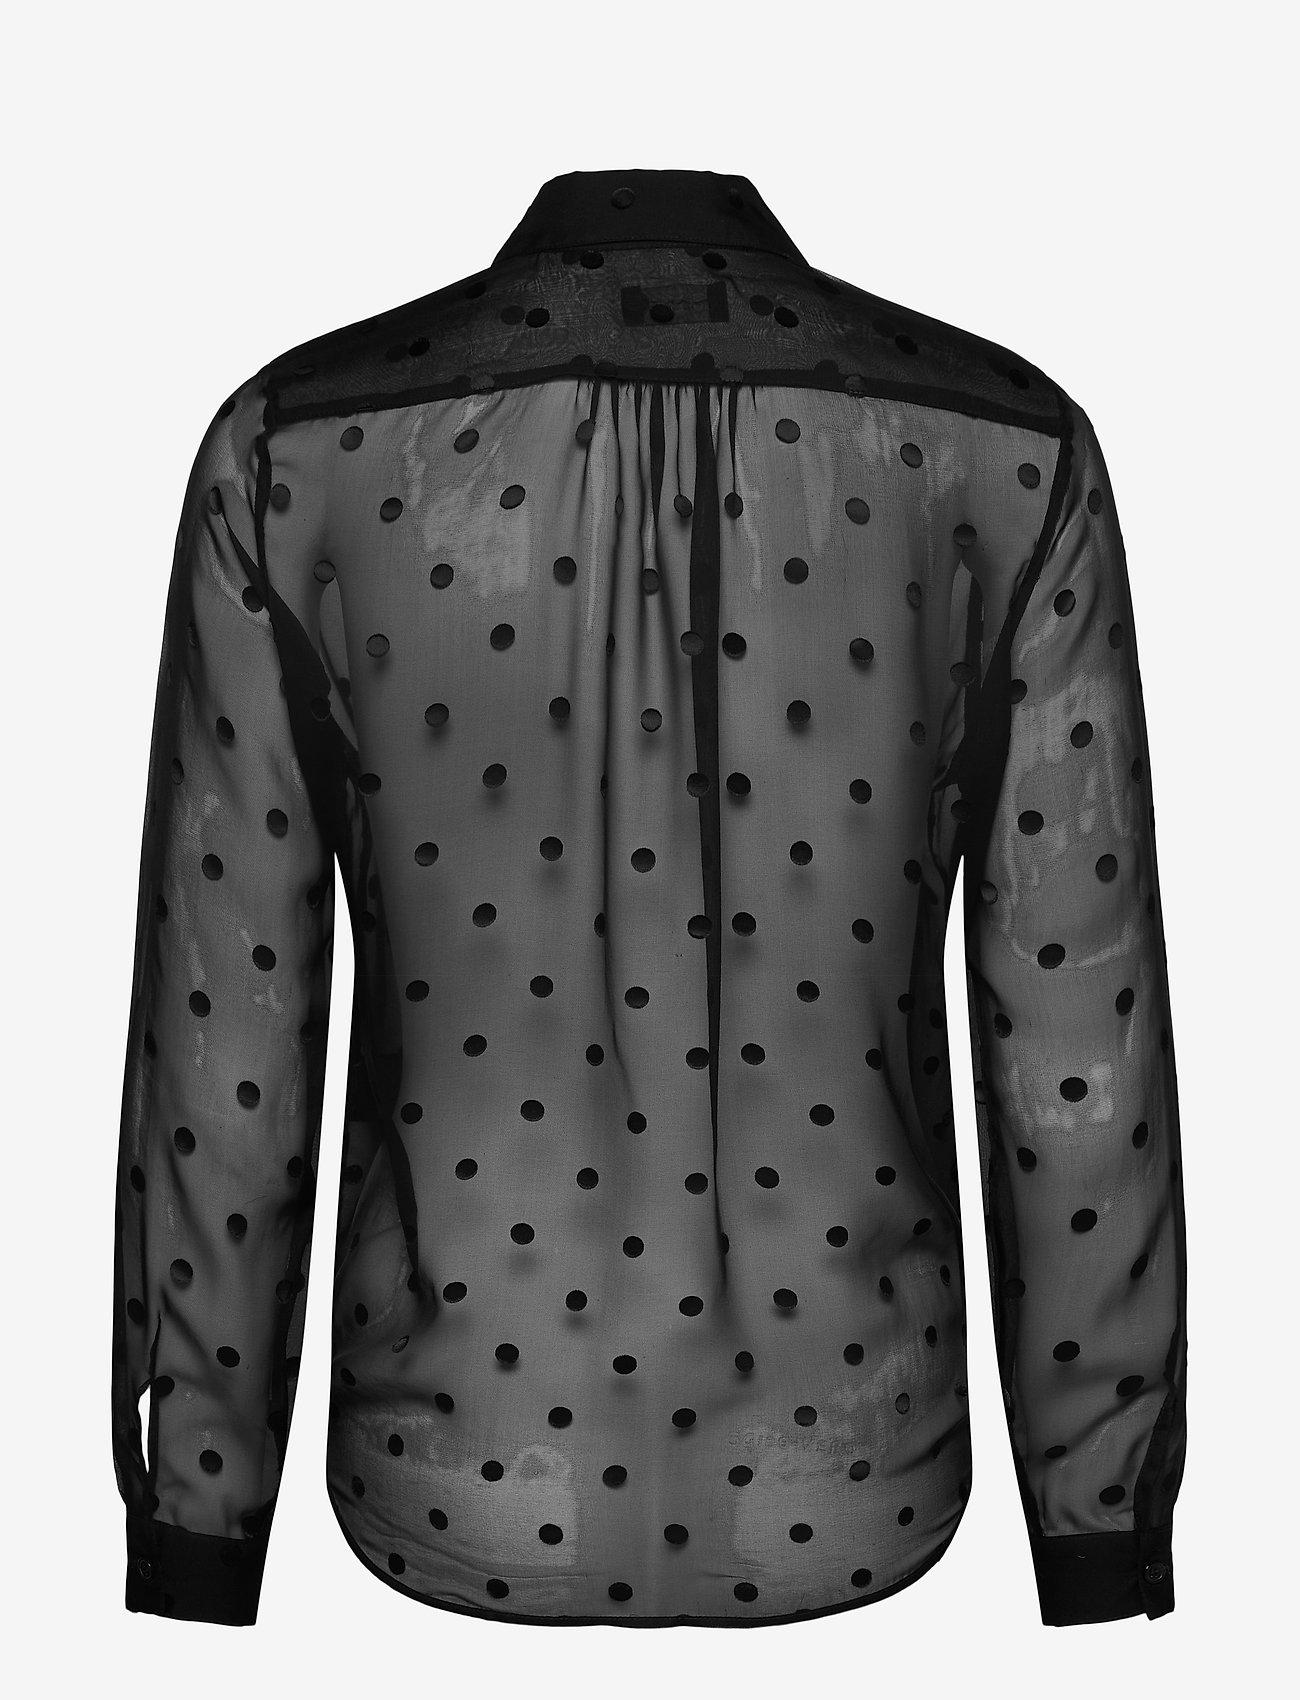 SAND - 3179 - Latia - blouses à manches longues - black - 1